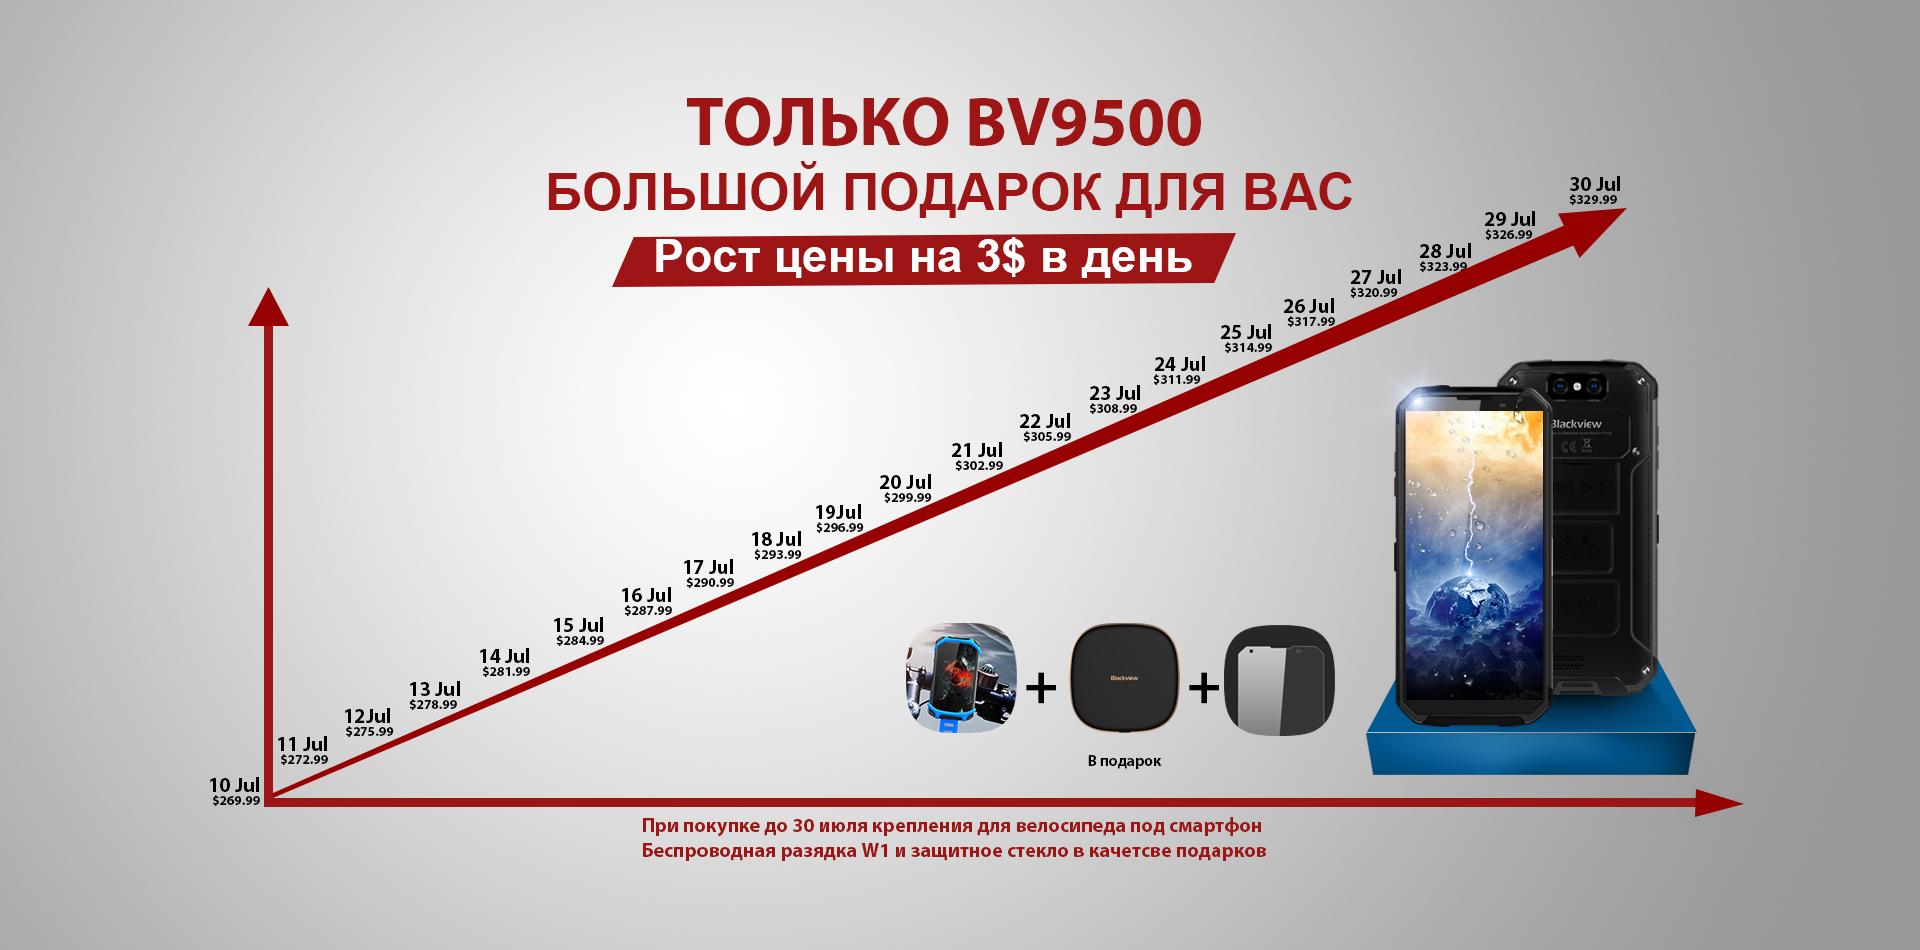 Успей купить Blackview BV9500 по выгодной цене